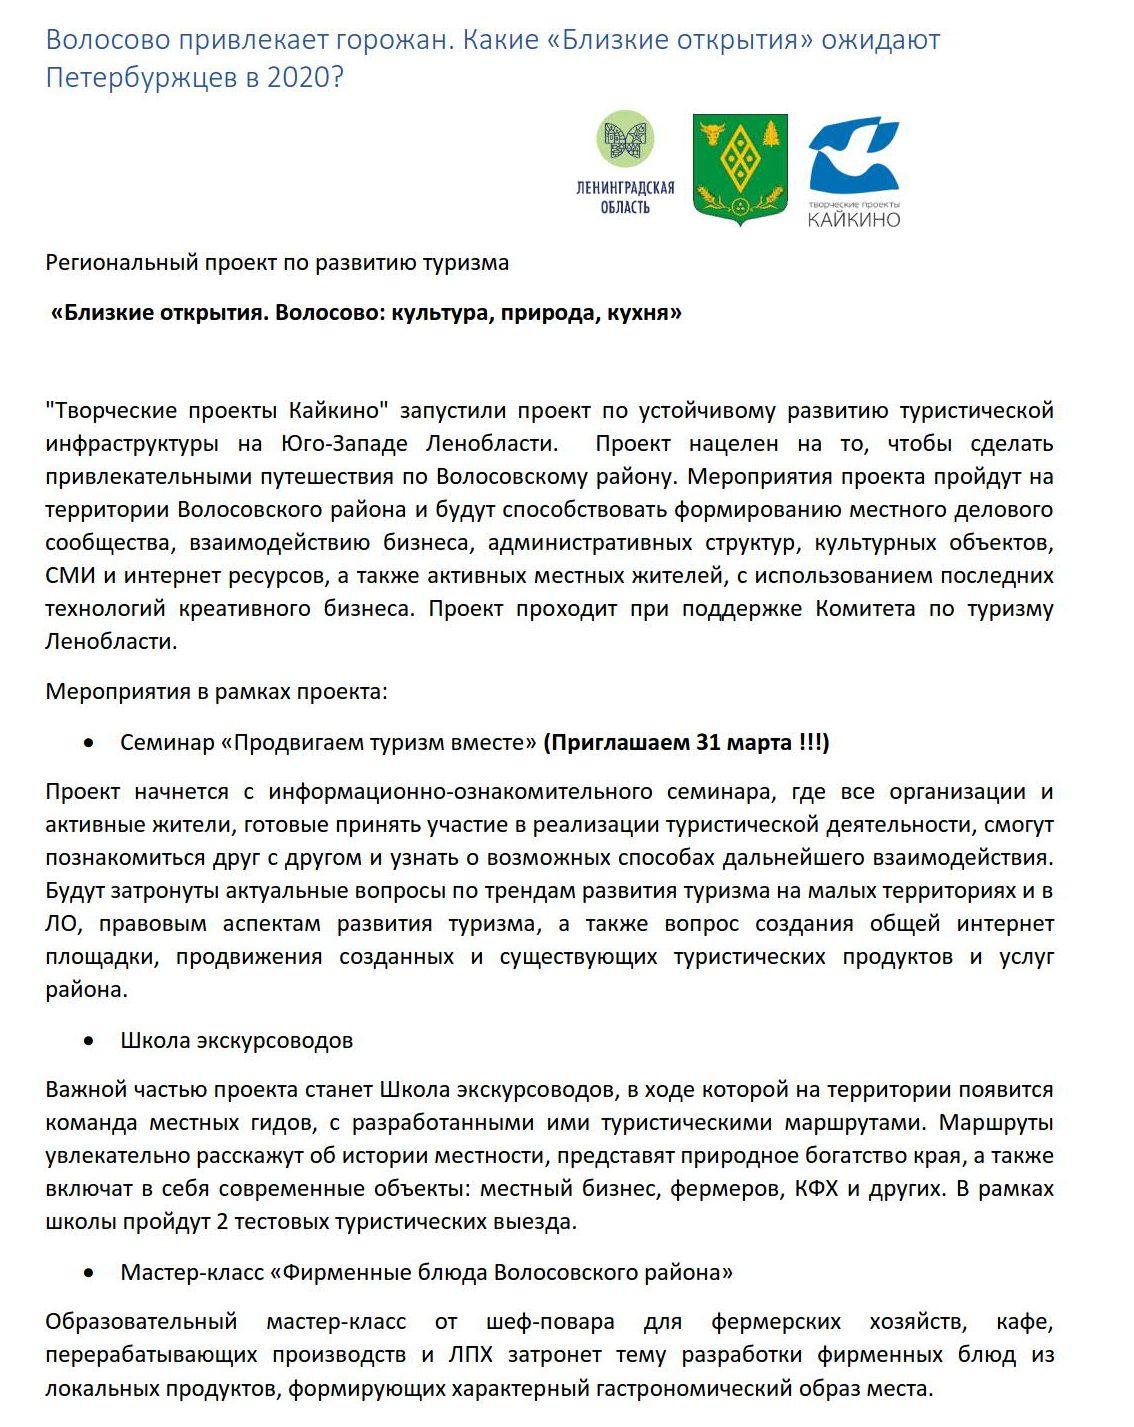 Пресс-релиз_Близкие открытия_с пригл.31.03_1